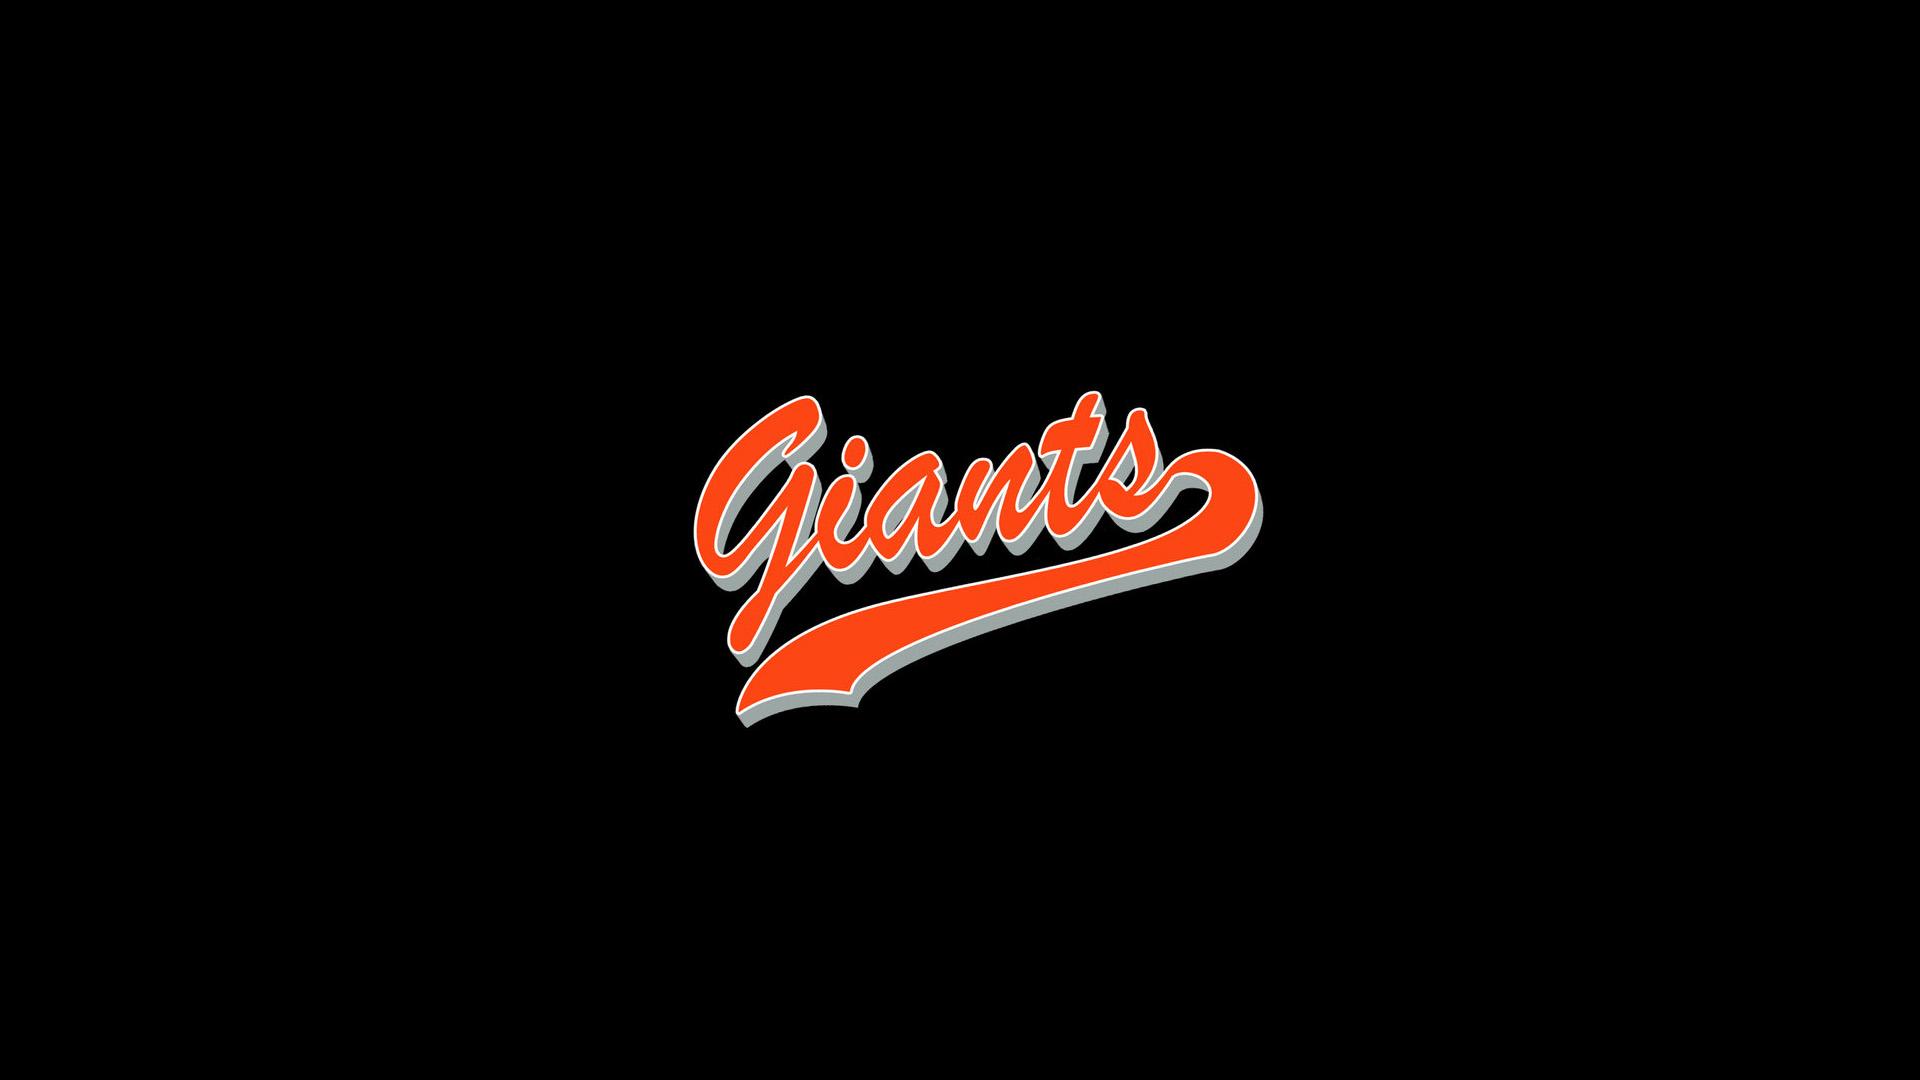 San Francisco Giants Wallpaper 22633